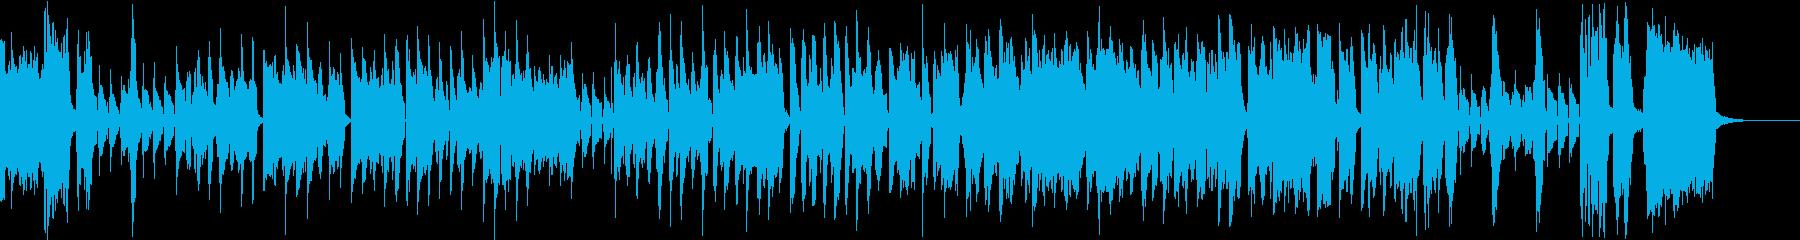 努力と根性の歌謡BGMの再生済みの波形